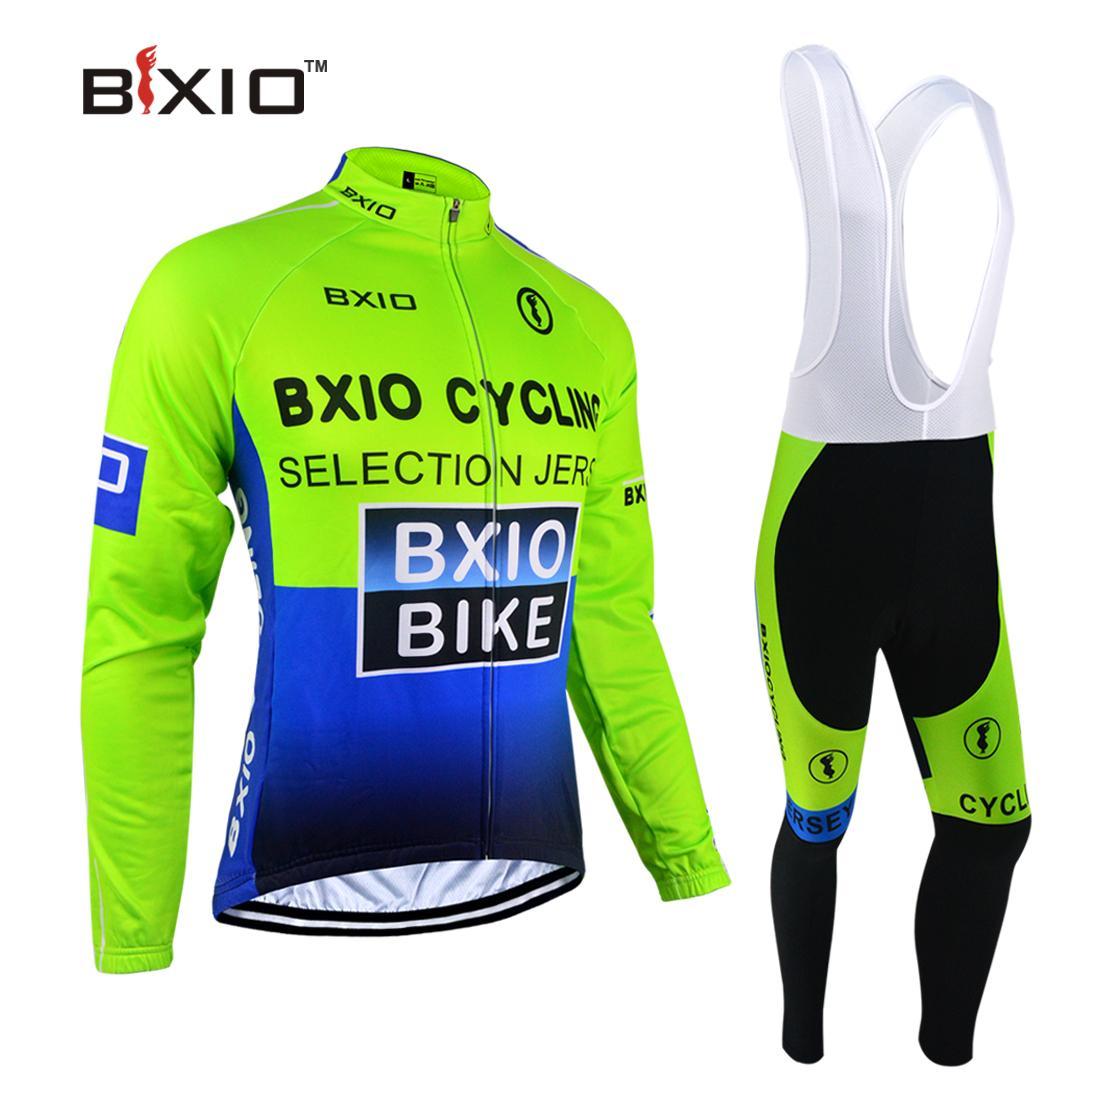 Bxio 사이클링 유니폼 겨울 열 양털 긴 소매 사이클 저지 설정 녹색 자전거 전체 지퍼 자전거 의류